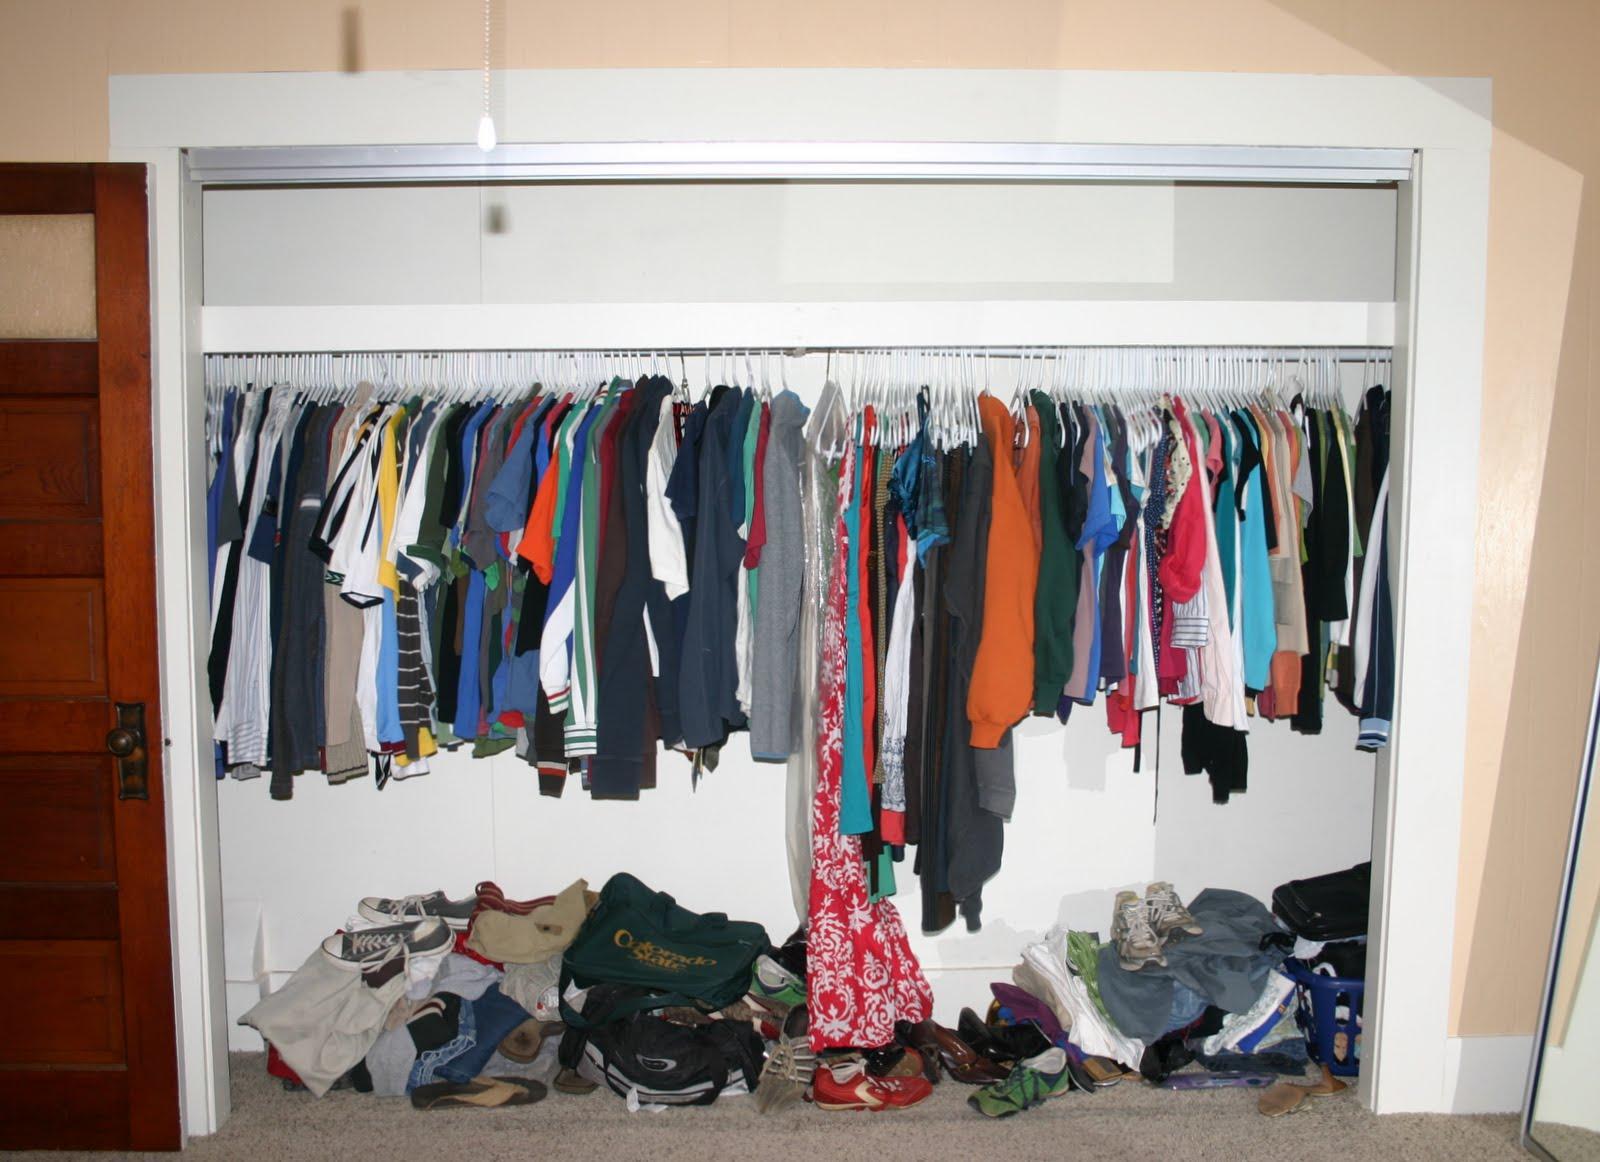 German jello salad diy closet organizer reveal you can for Diy clothes closet